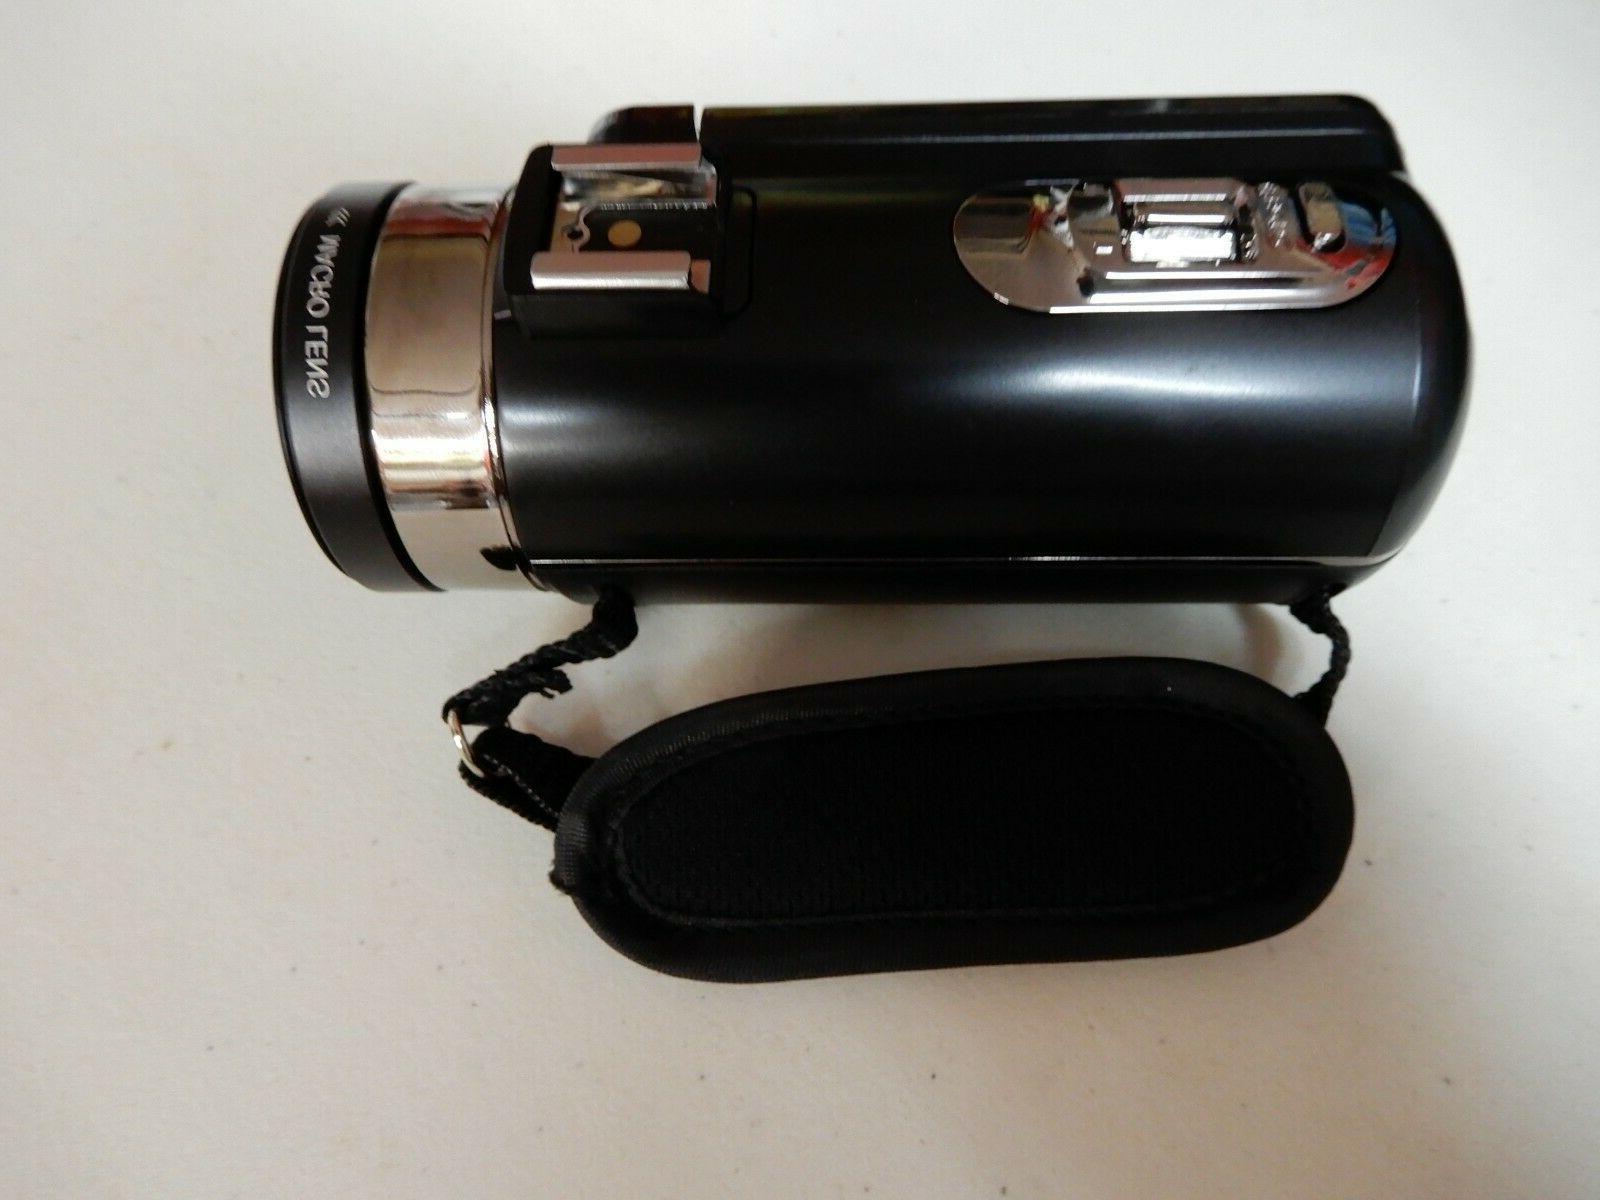 Besteker Full HD HDV 301STR with Microphone